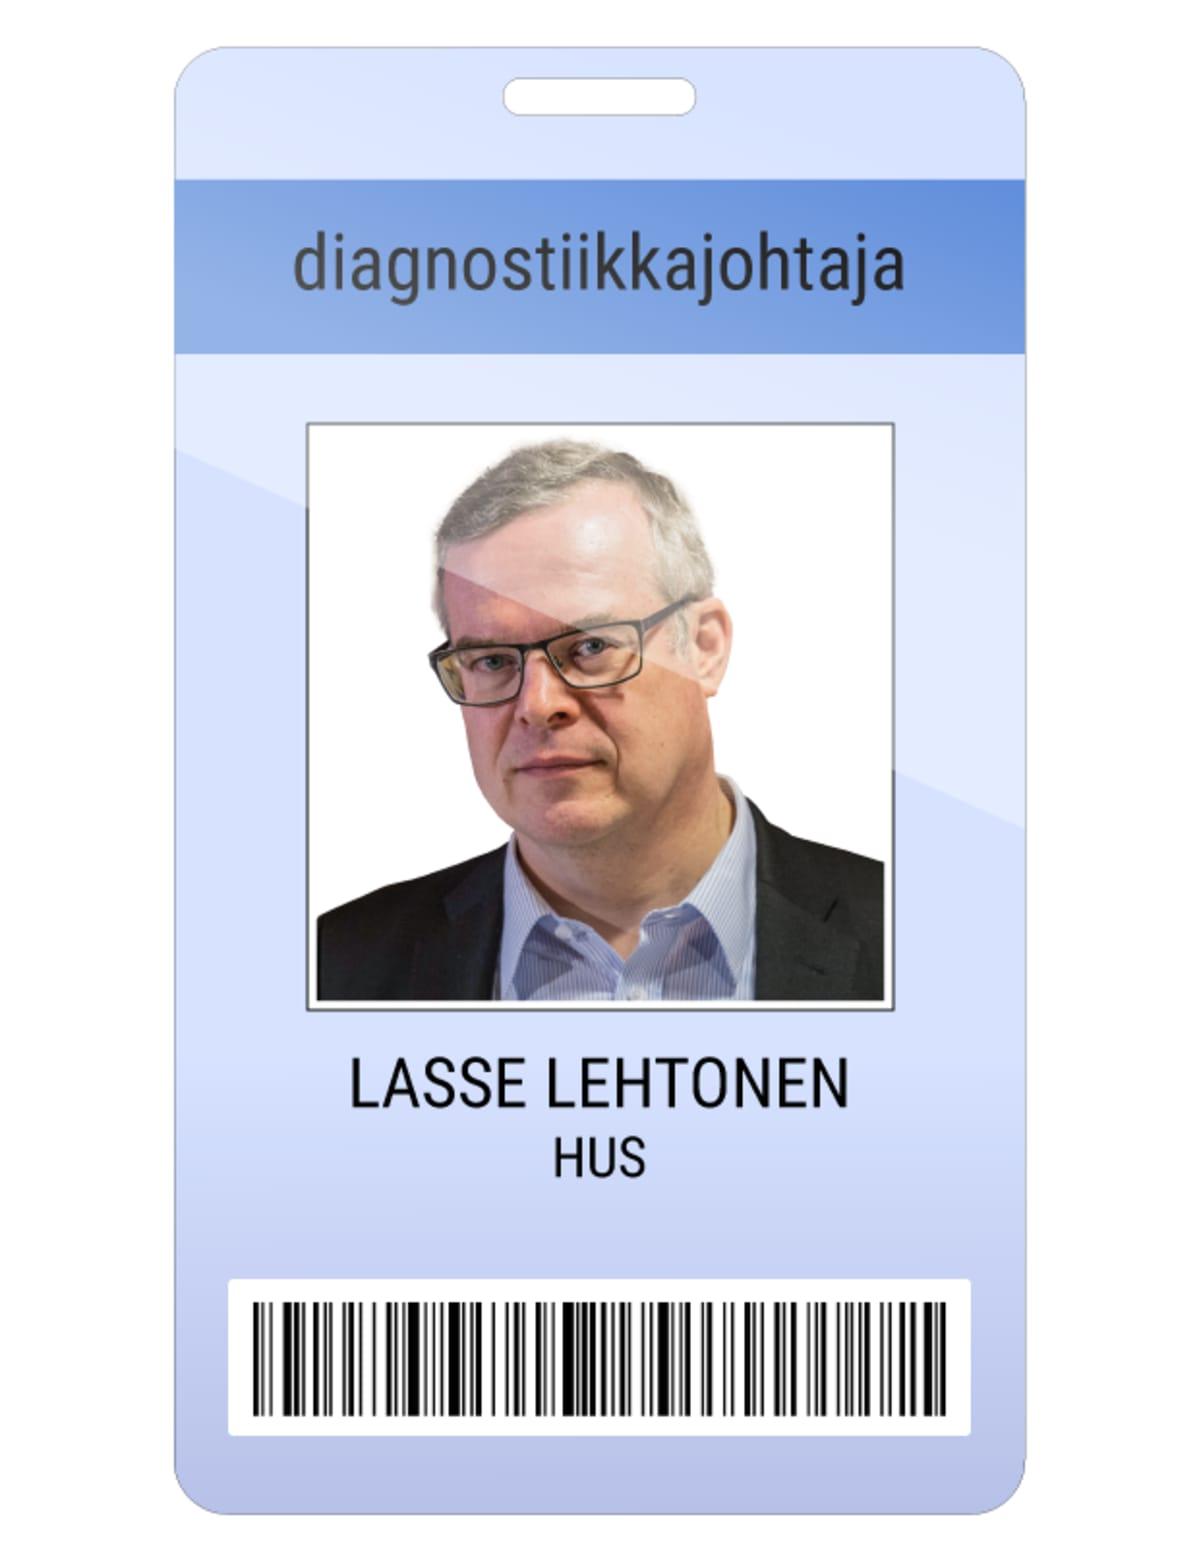 Lasse Lehtonen kuvitteellinen kulkukortti.